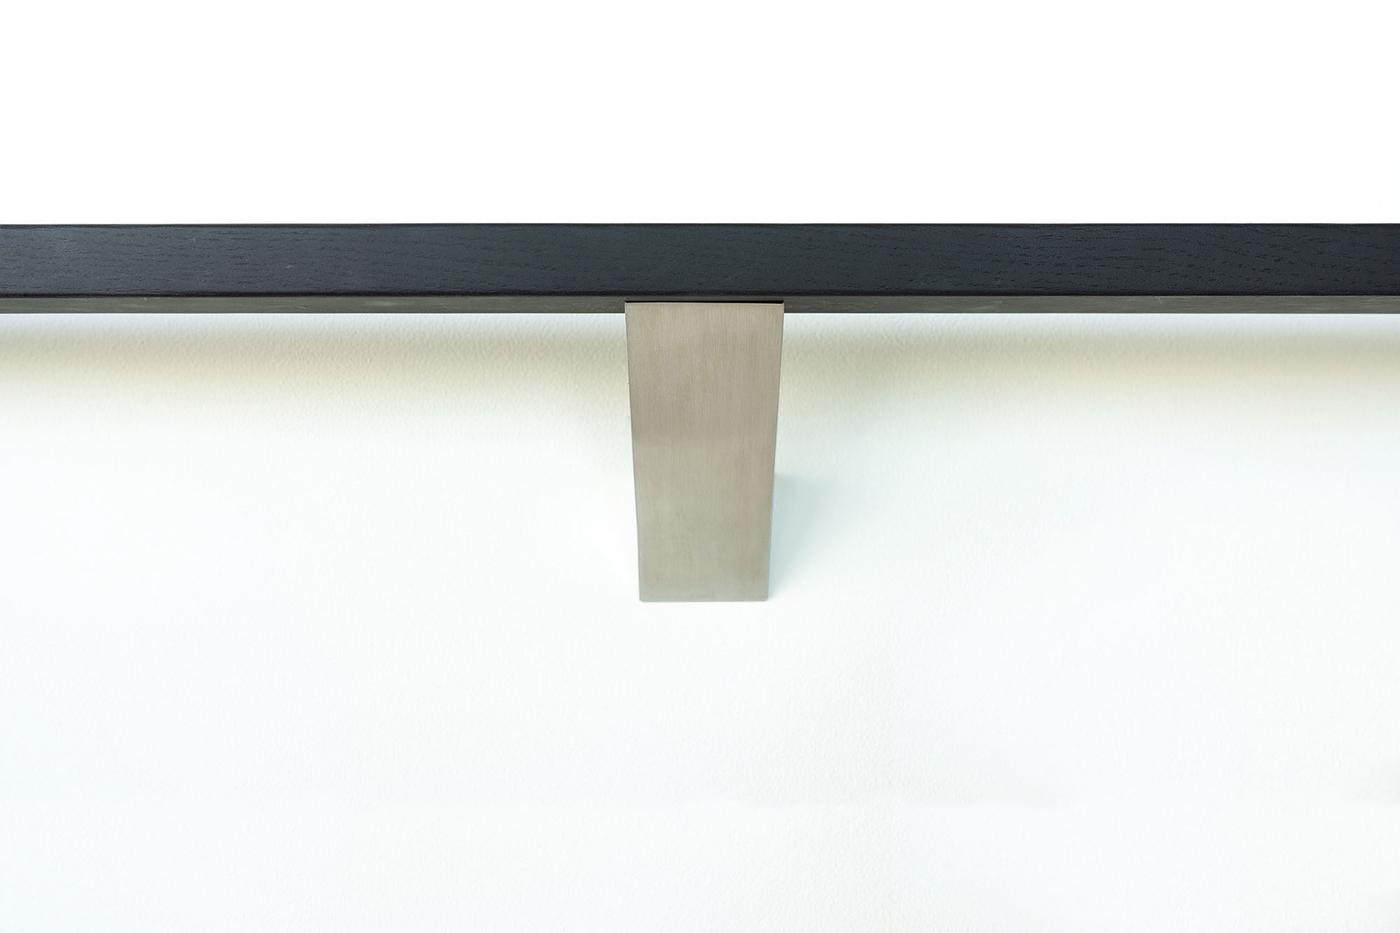 Brushed-stainless-steel-modern-handrail-bracket